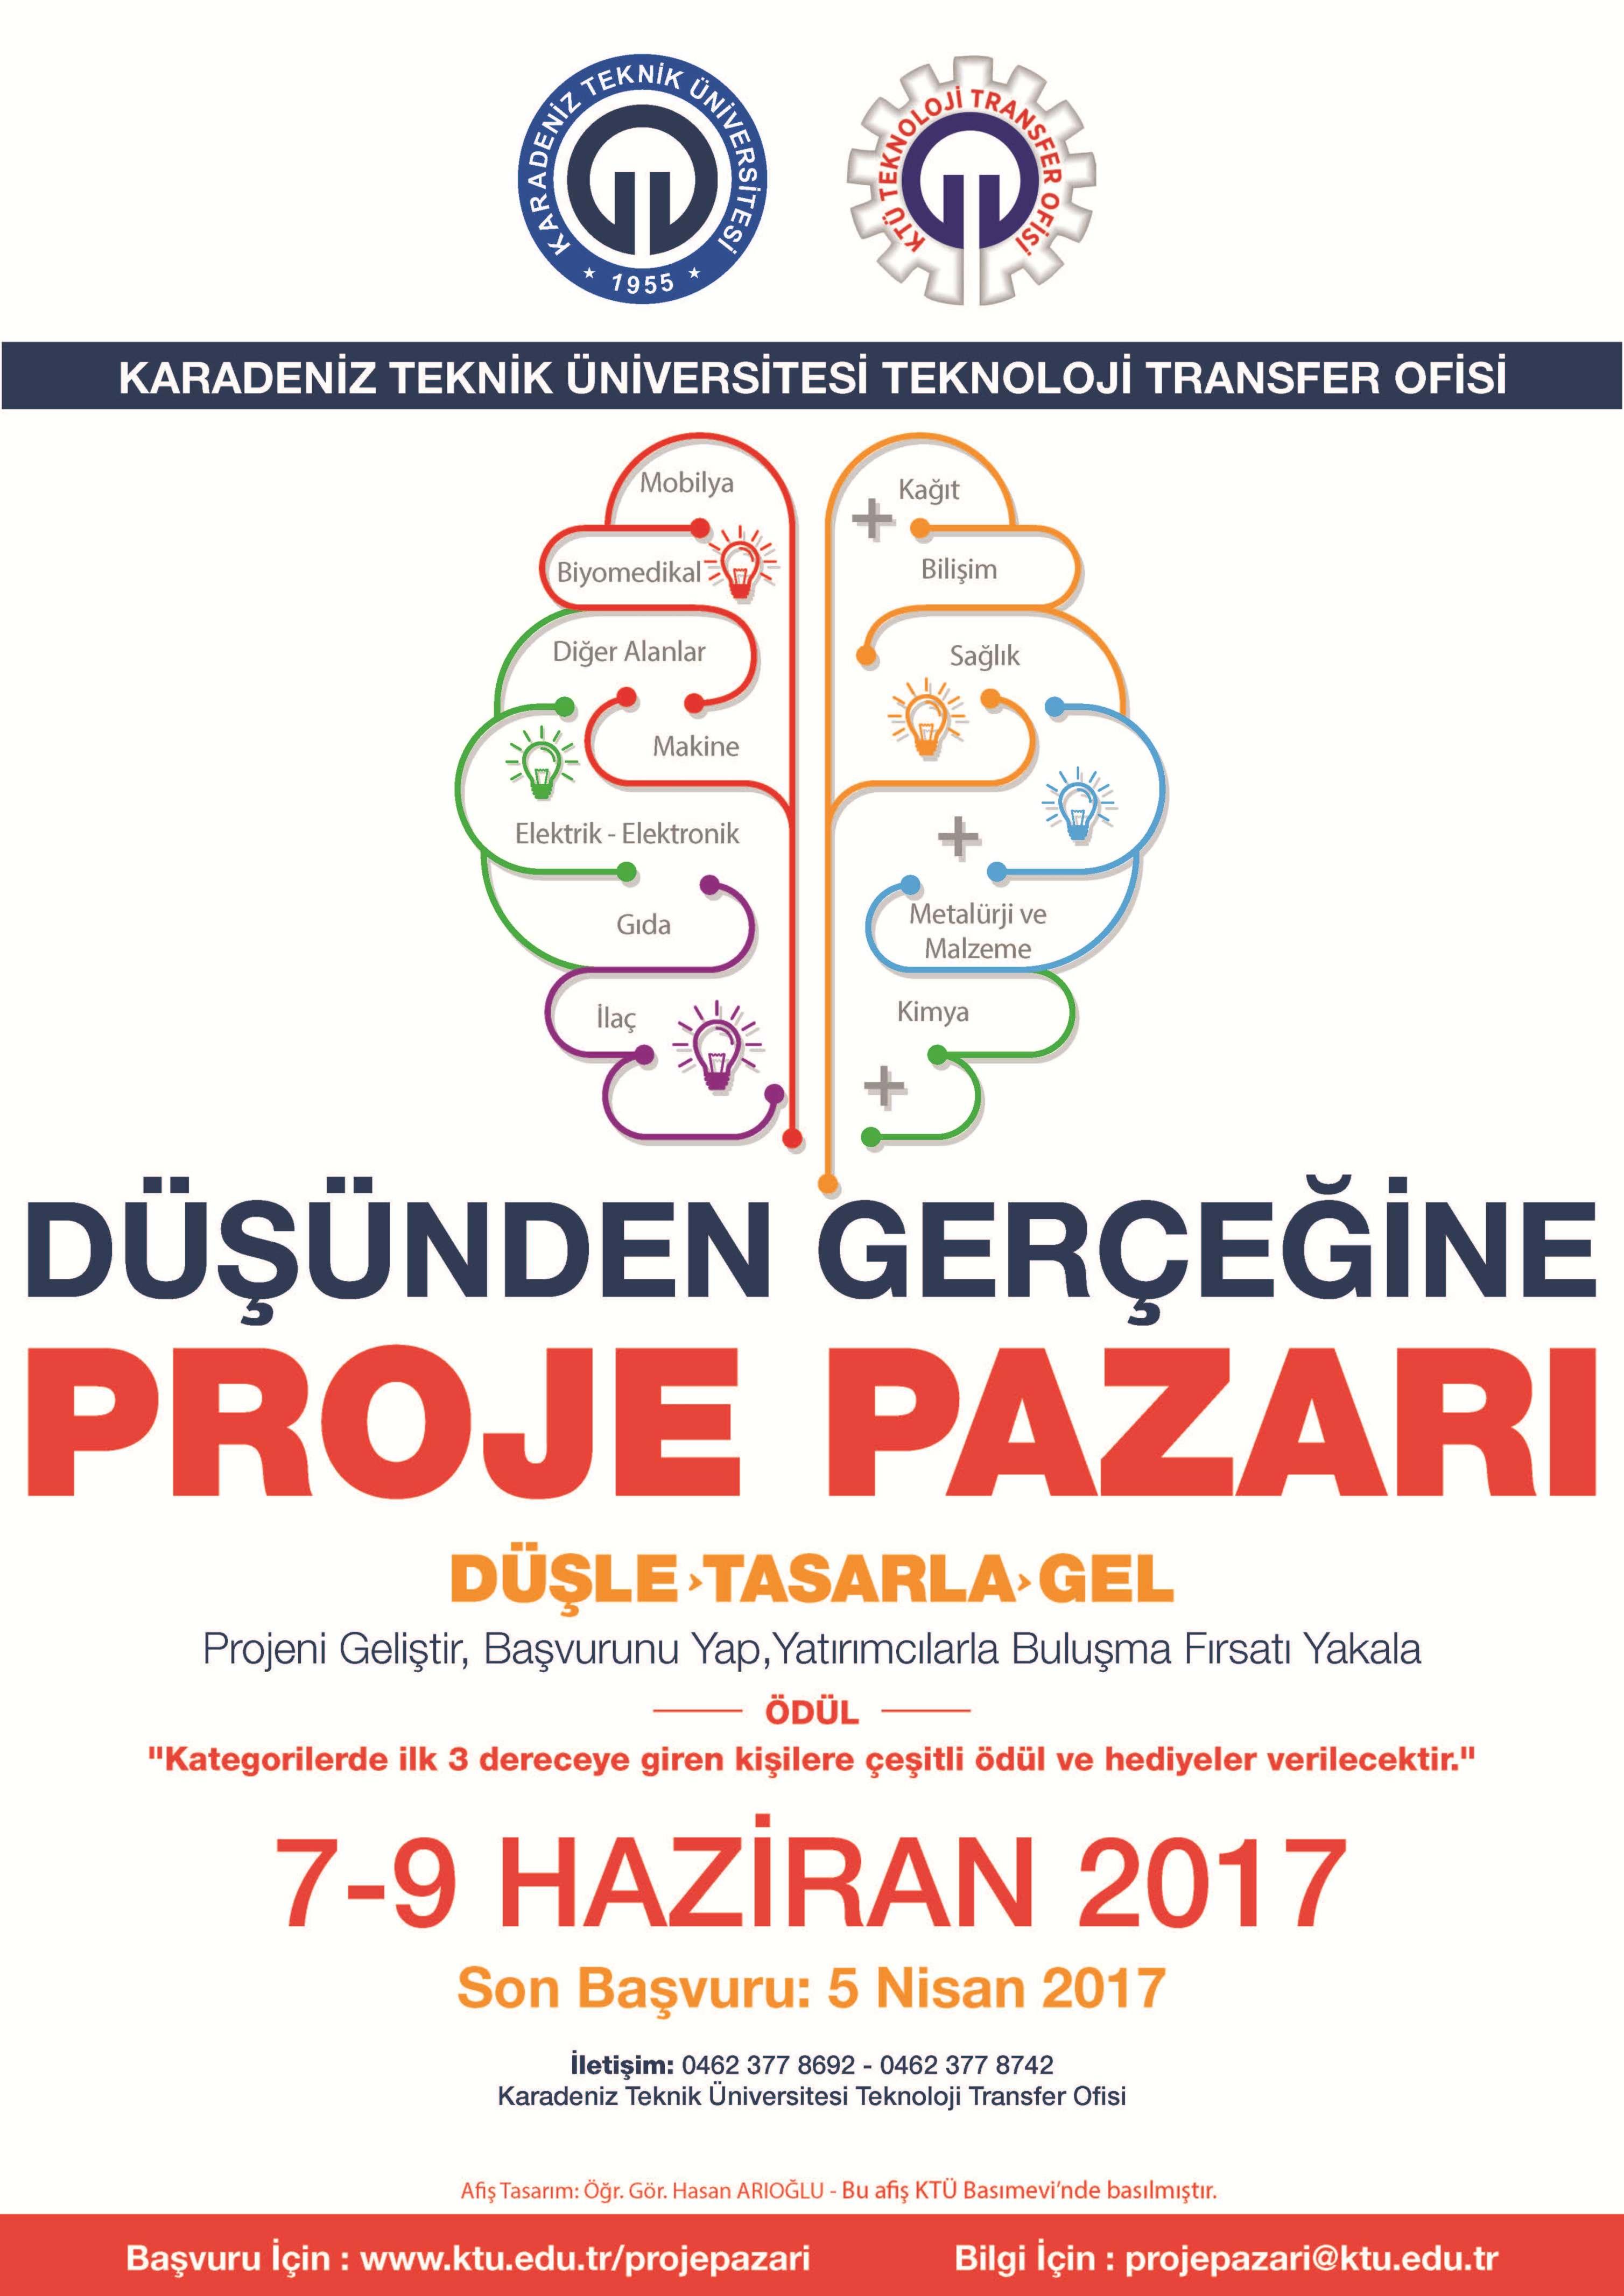 """""""KTÜ – TTO Düşünden Gerçeğine Proje Pazarı""""! Son Başvuru Tarihi: 5 Nisan 2017, Etkinlik Tarihi: 7-9 Haziran 2017"""